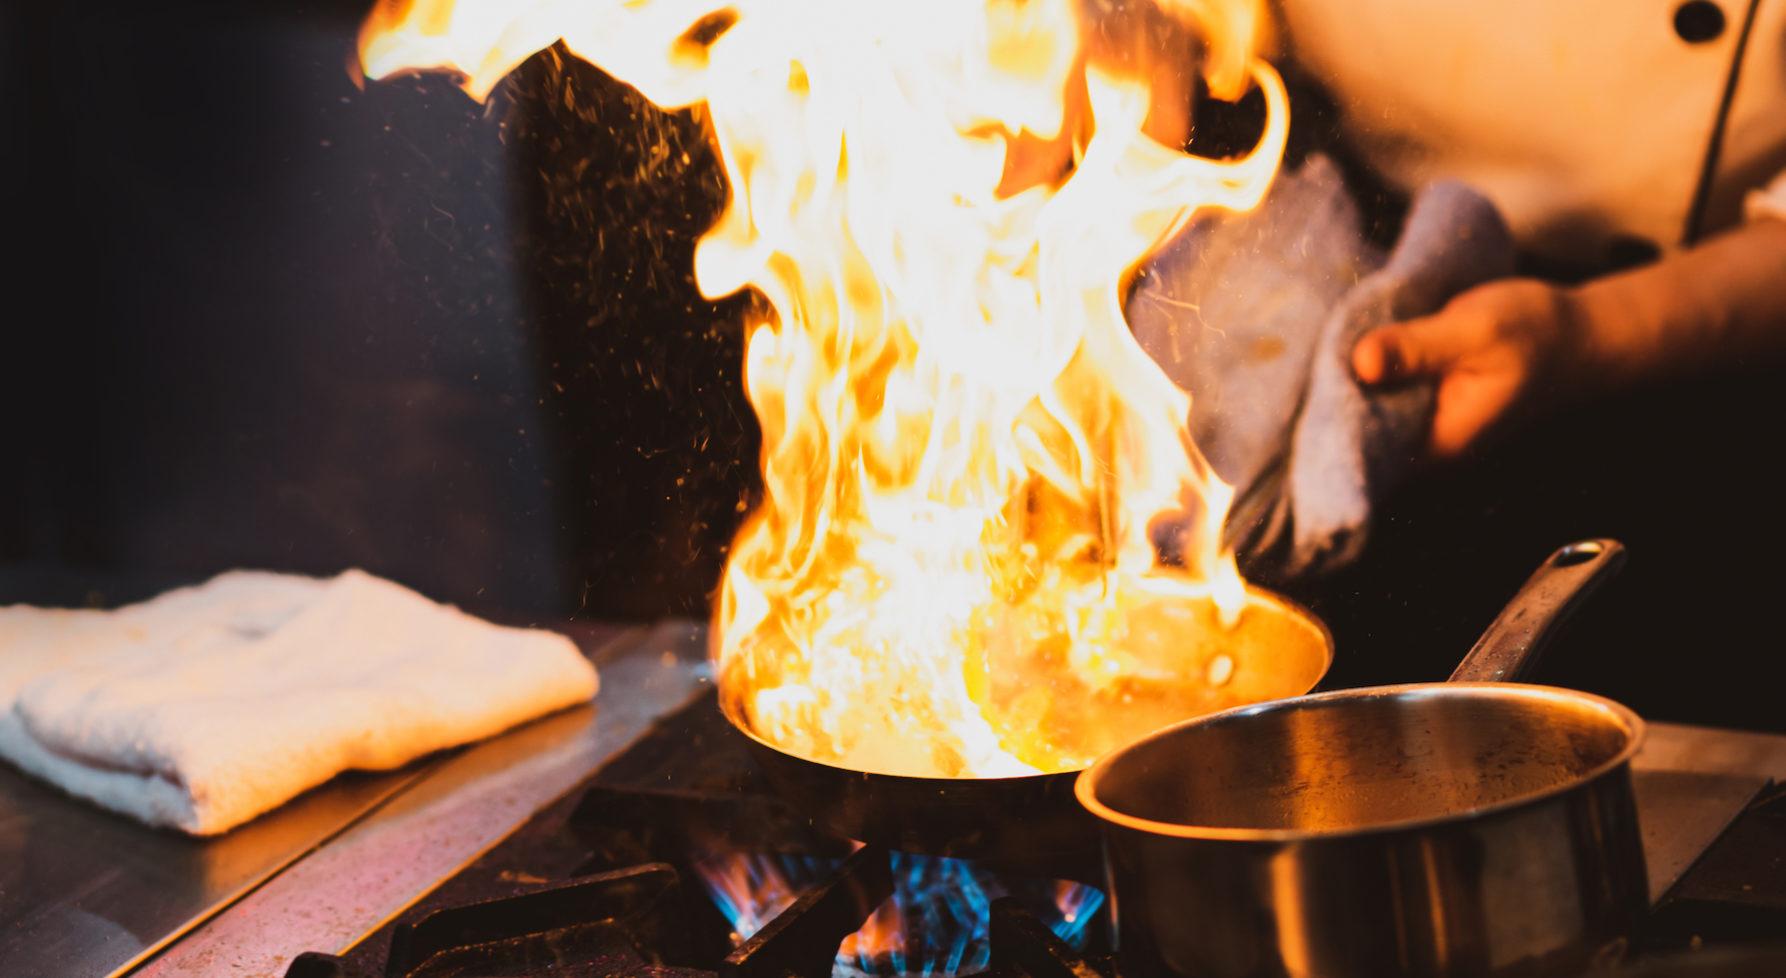 La Securite Incendie En Cuisine Pro Eskis